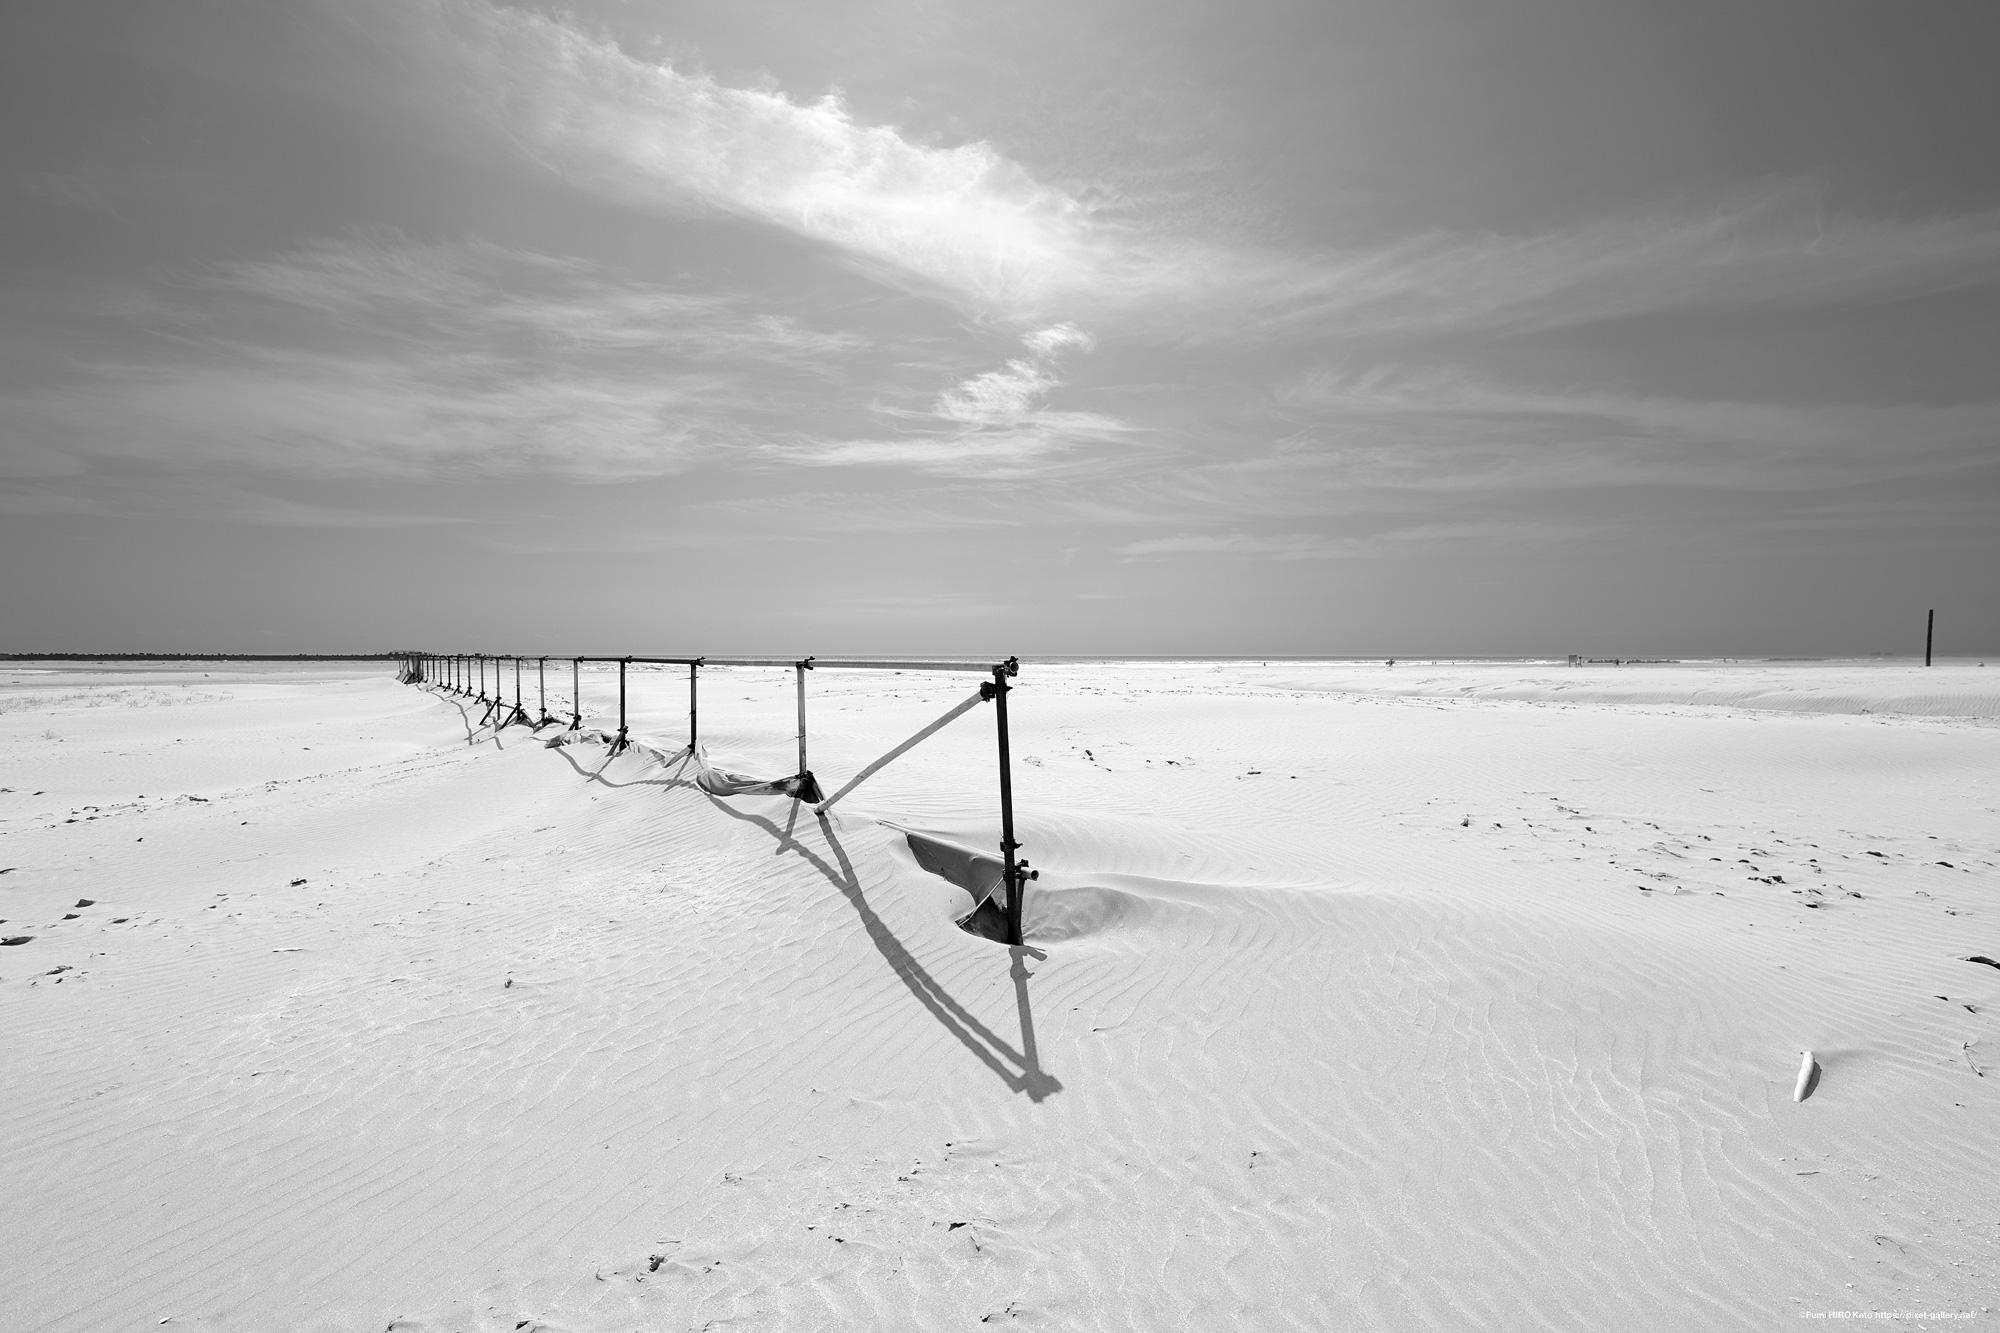 惑星と文明 19-027 時間は砂となって降り積もる